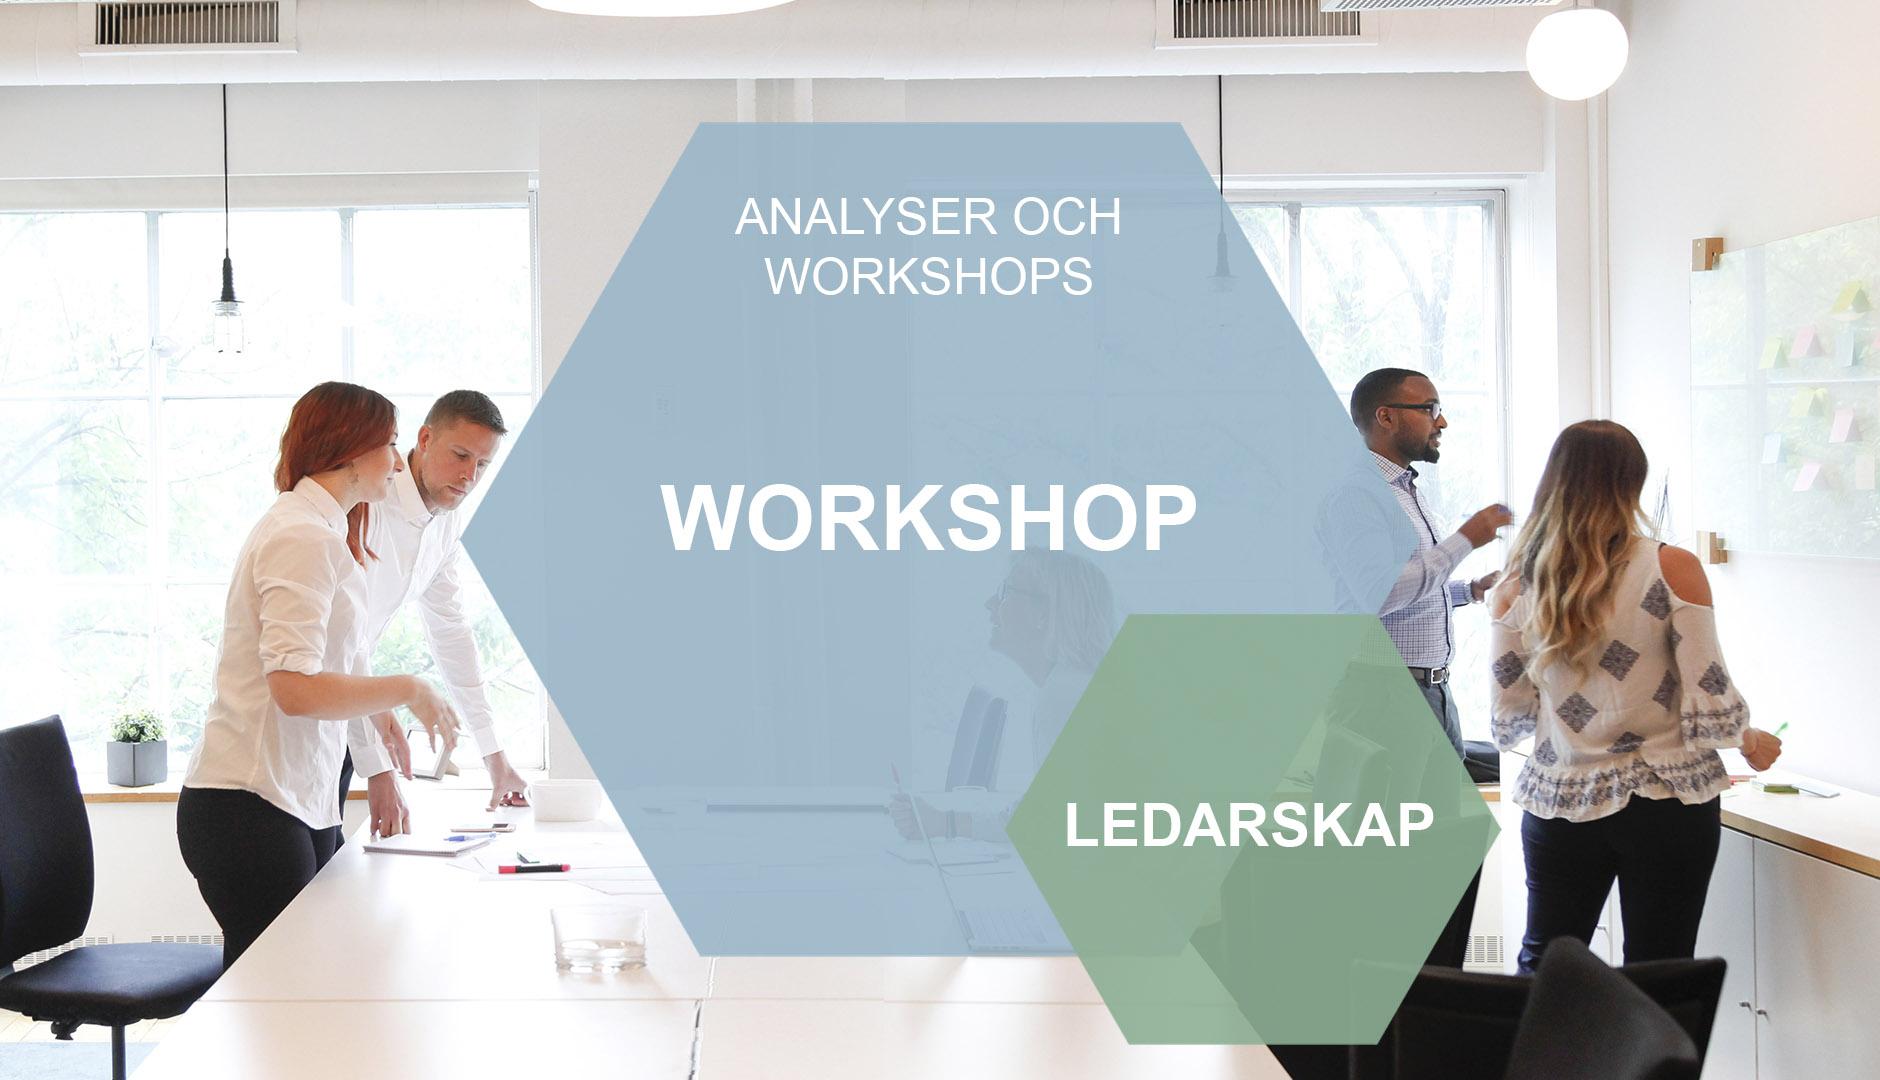 Ledarskap i hexagon mot bakgrund av människor i workshop